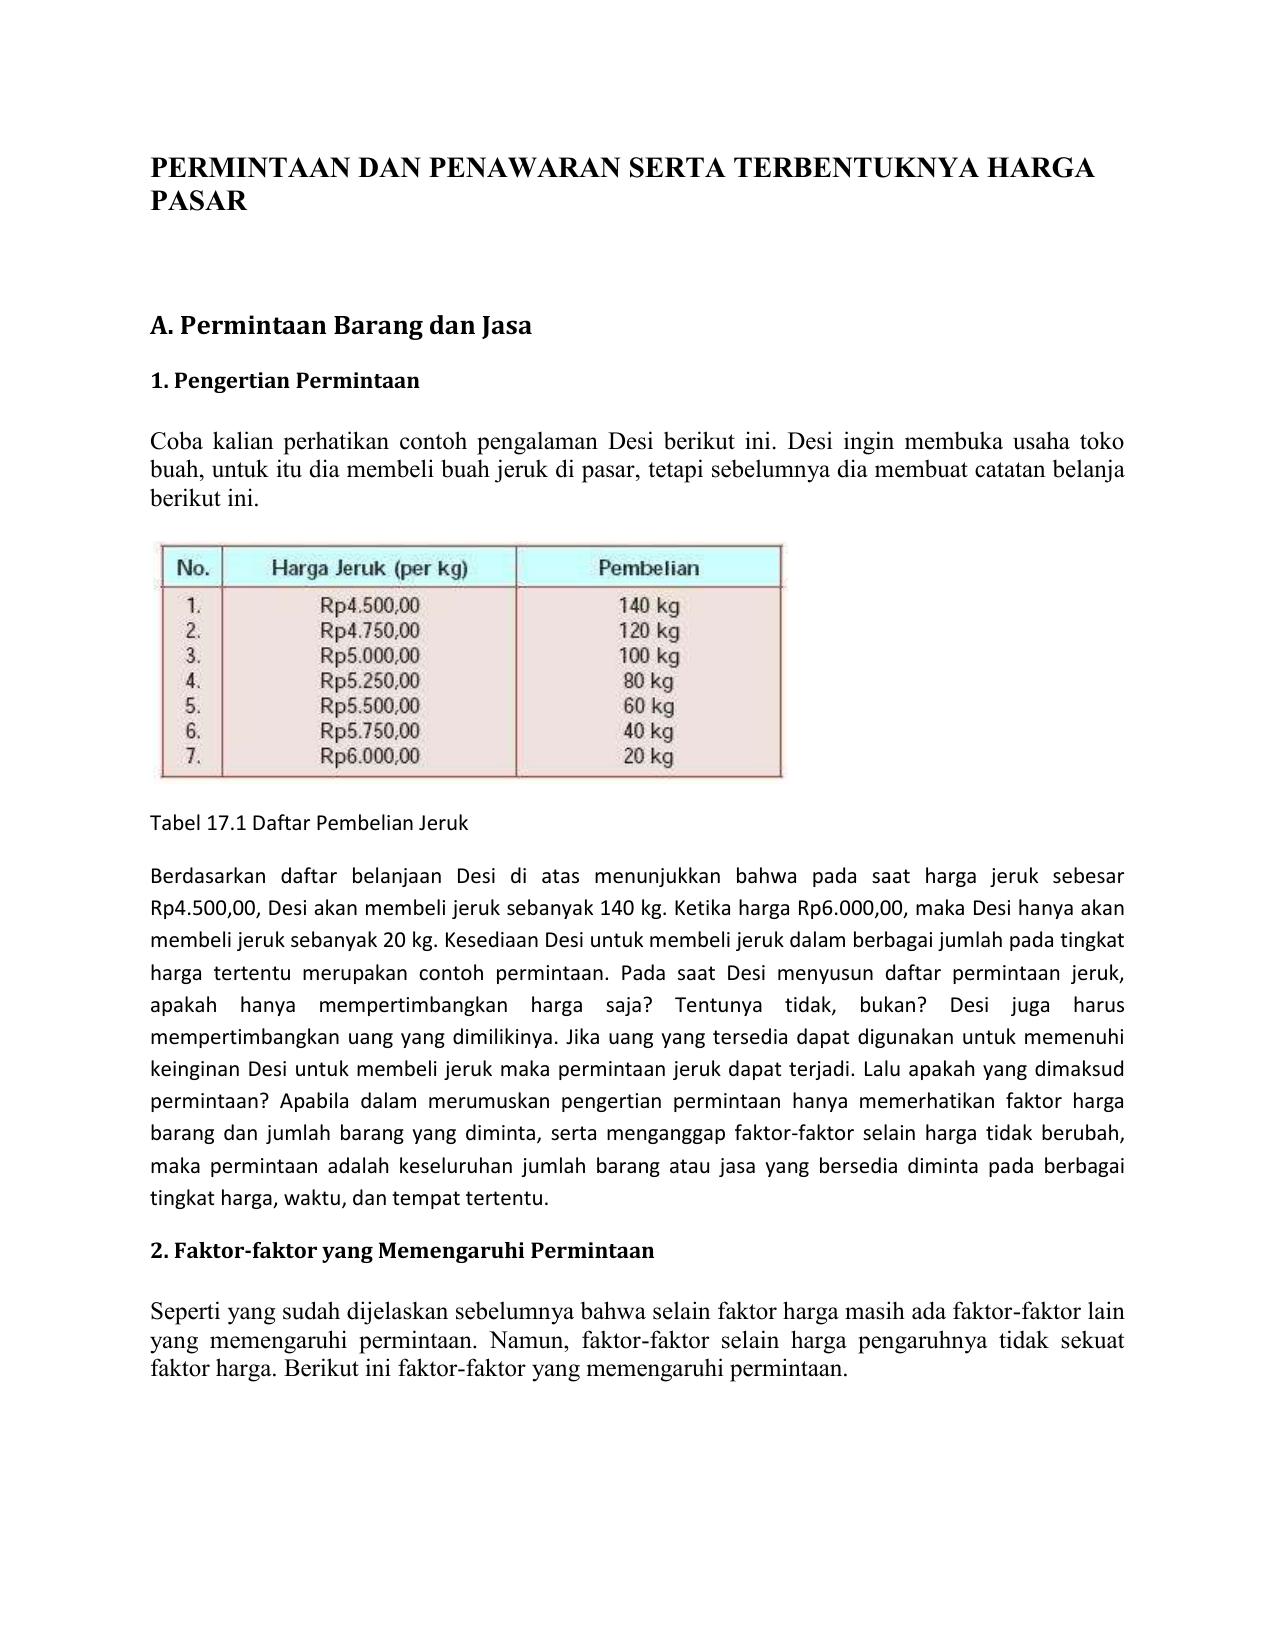 Tabel 17 8 Daftar Permintaan Dan Penawaran Jeruk